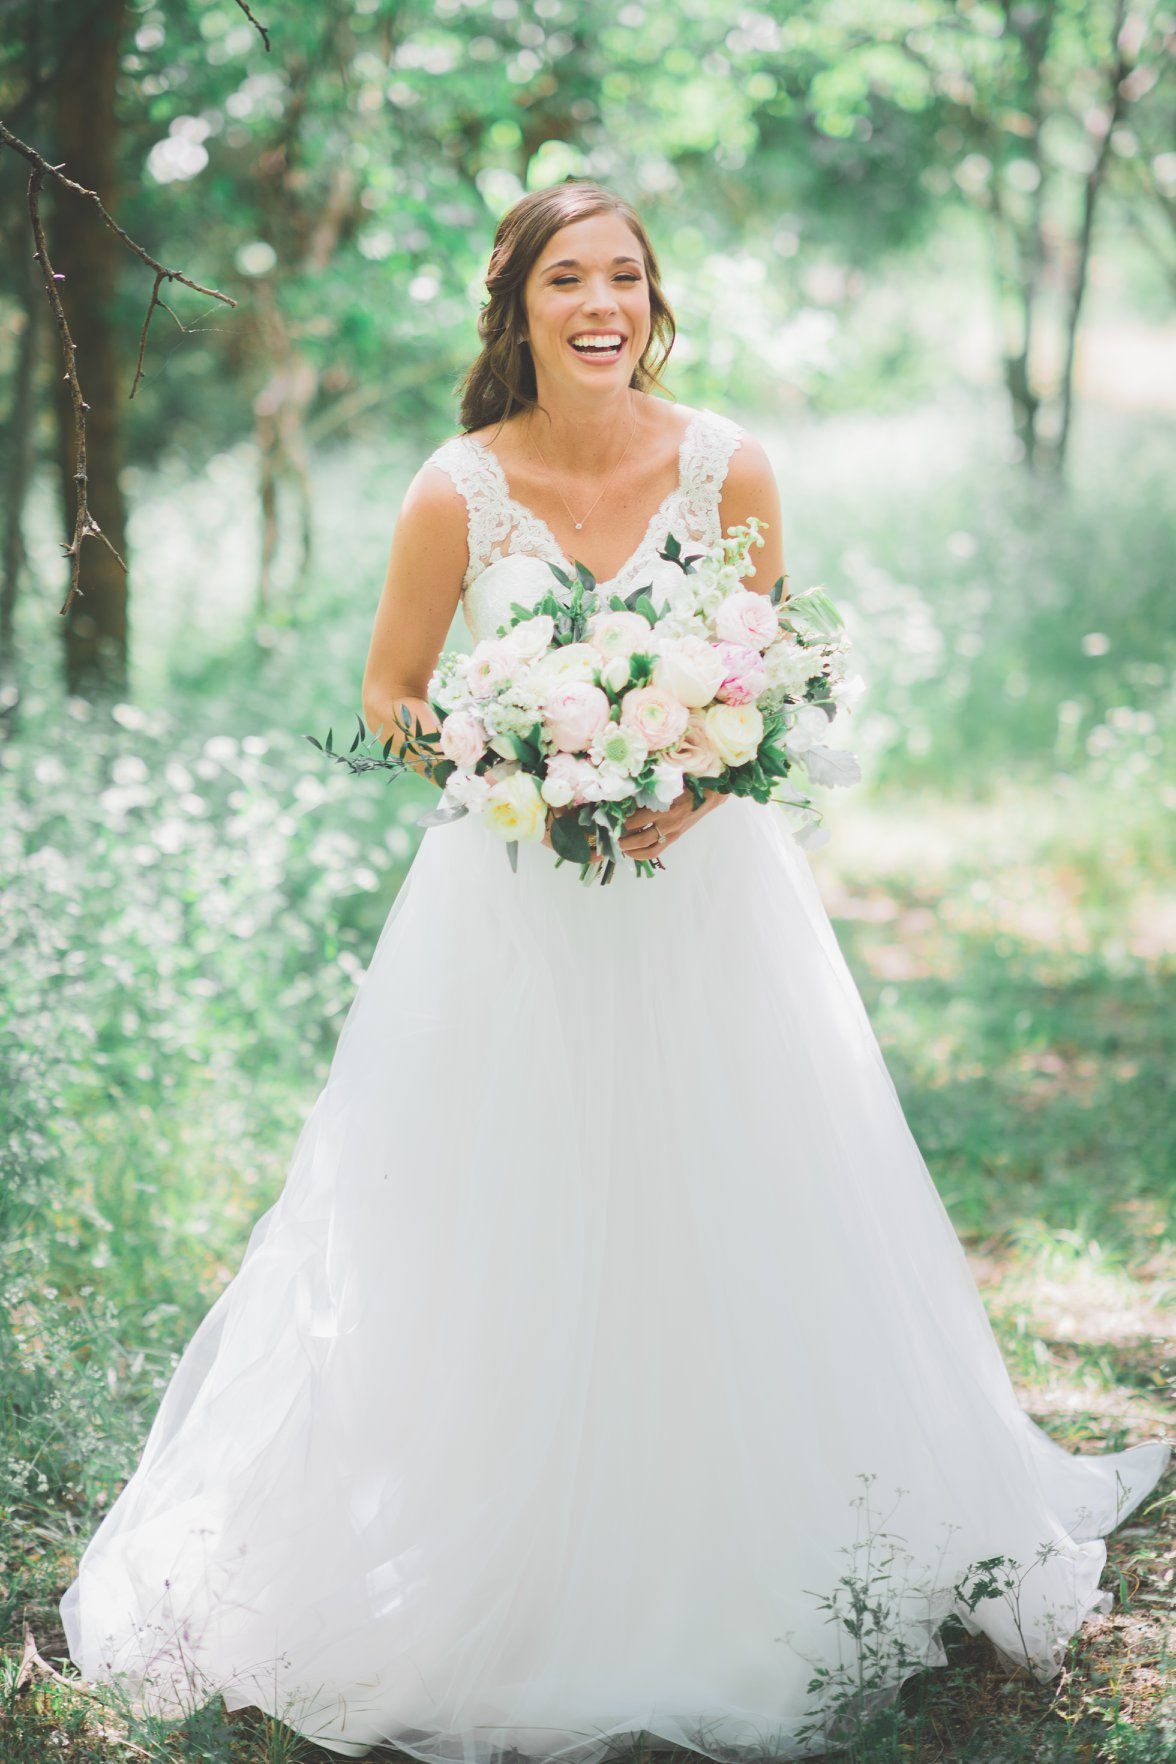 midlothian_wedding_pink_flowers_6.jpg